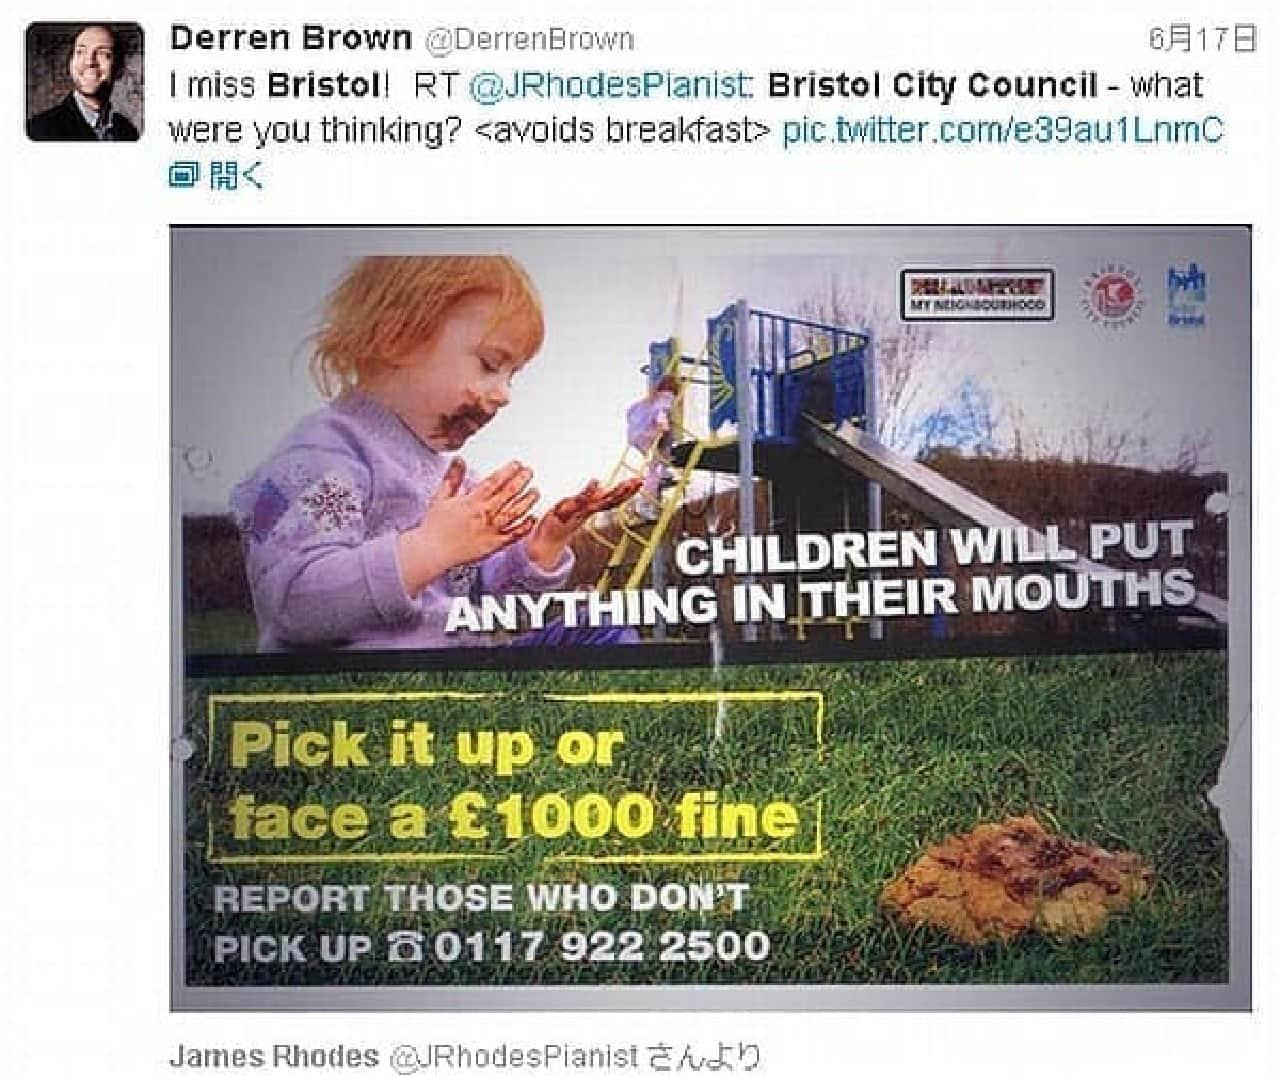 ポスターを英国に広めた Derren Brown 氏のリツイート